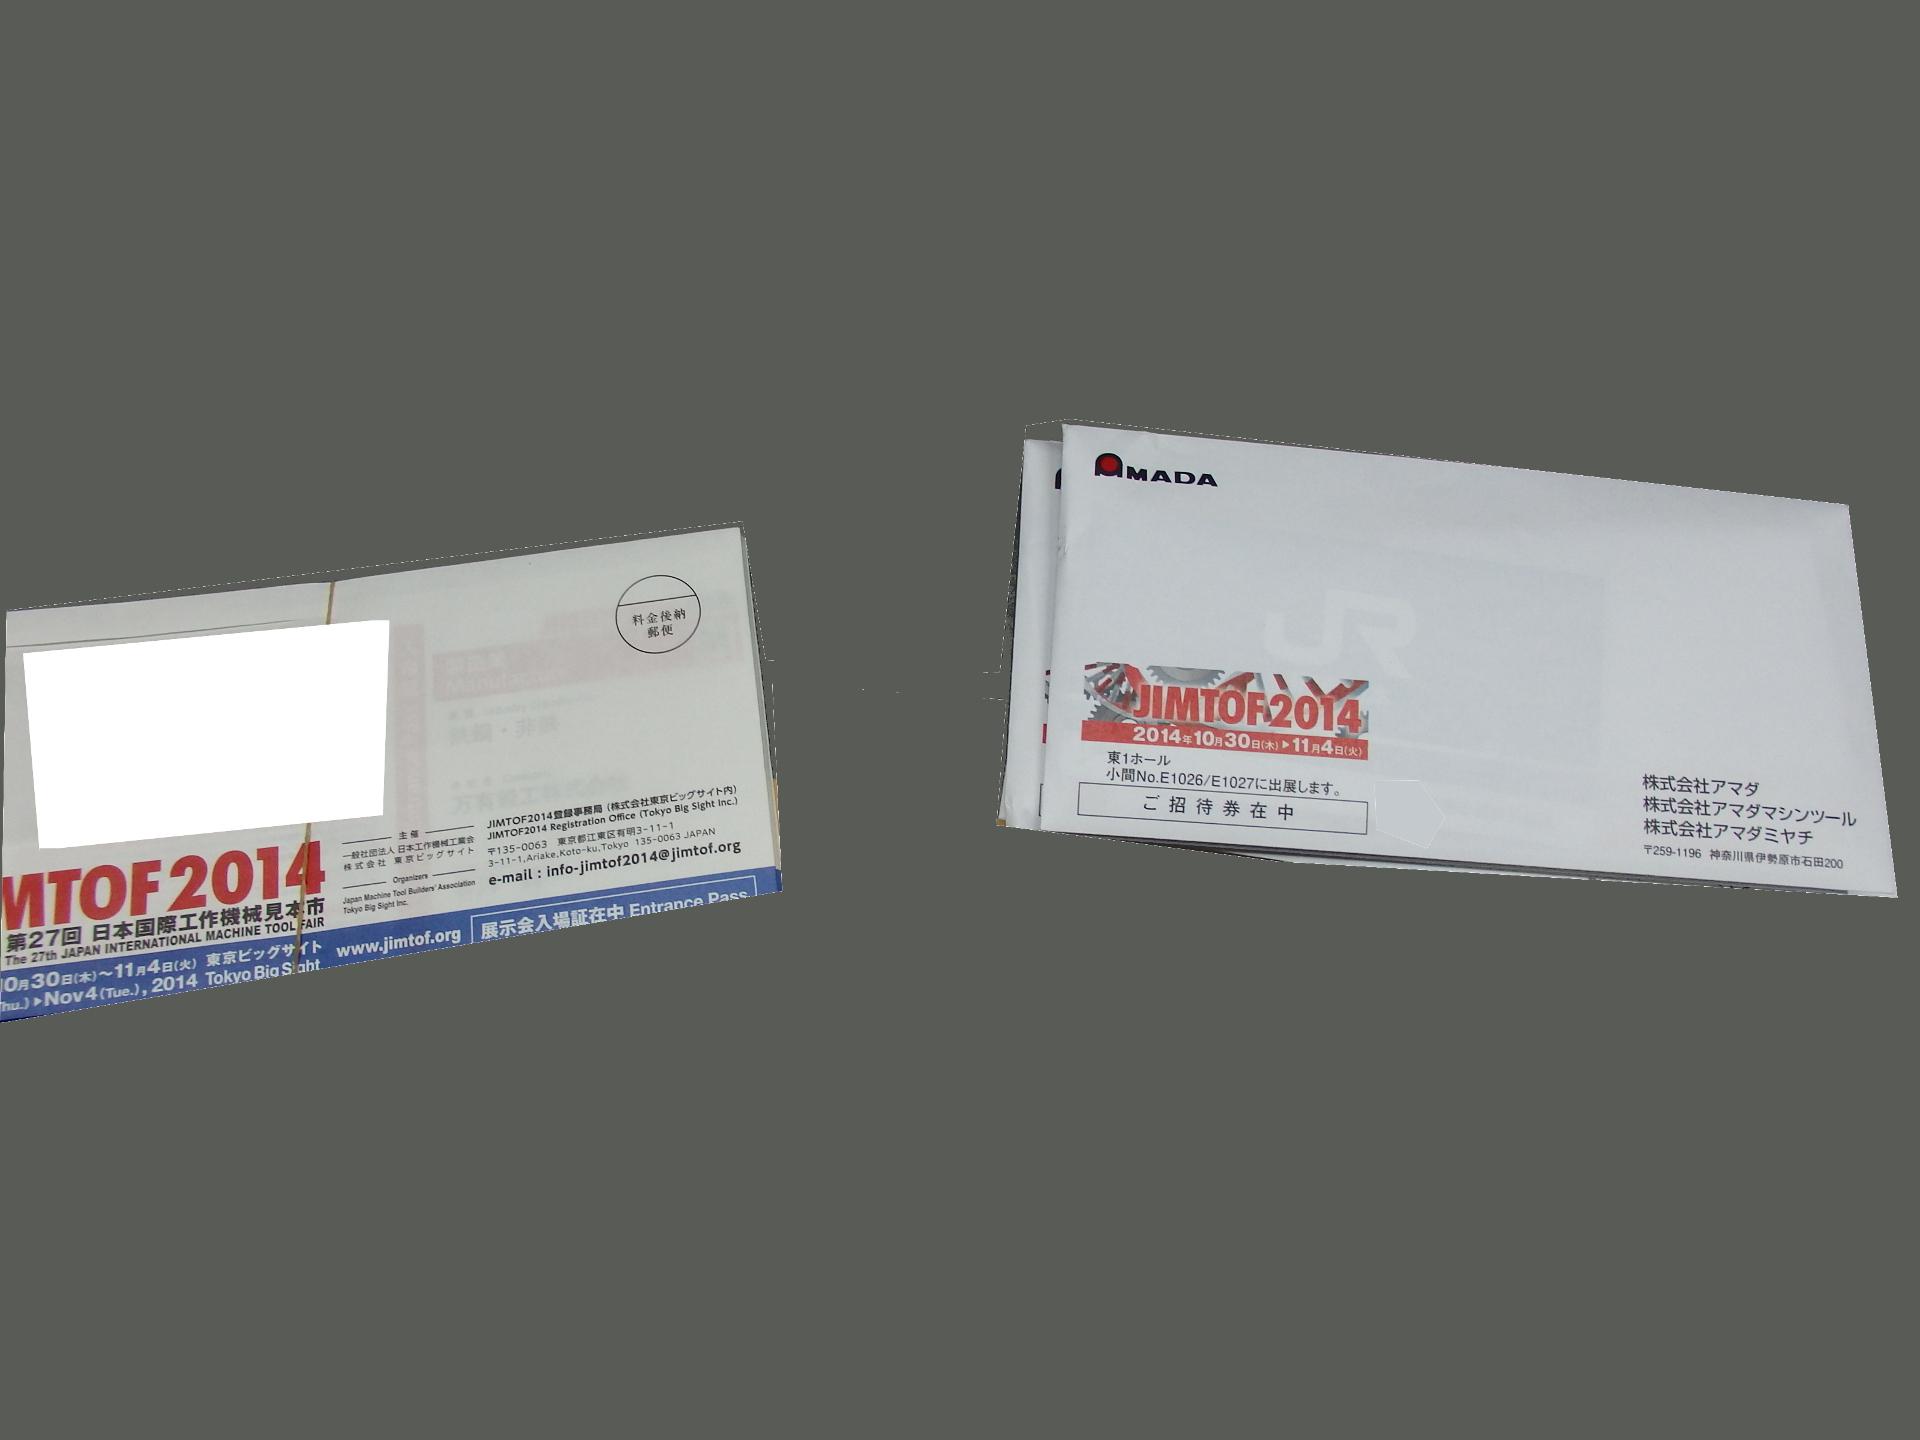 JIMTOF2014の工場側参加者の入場者証を配布しました。